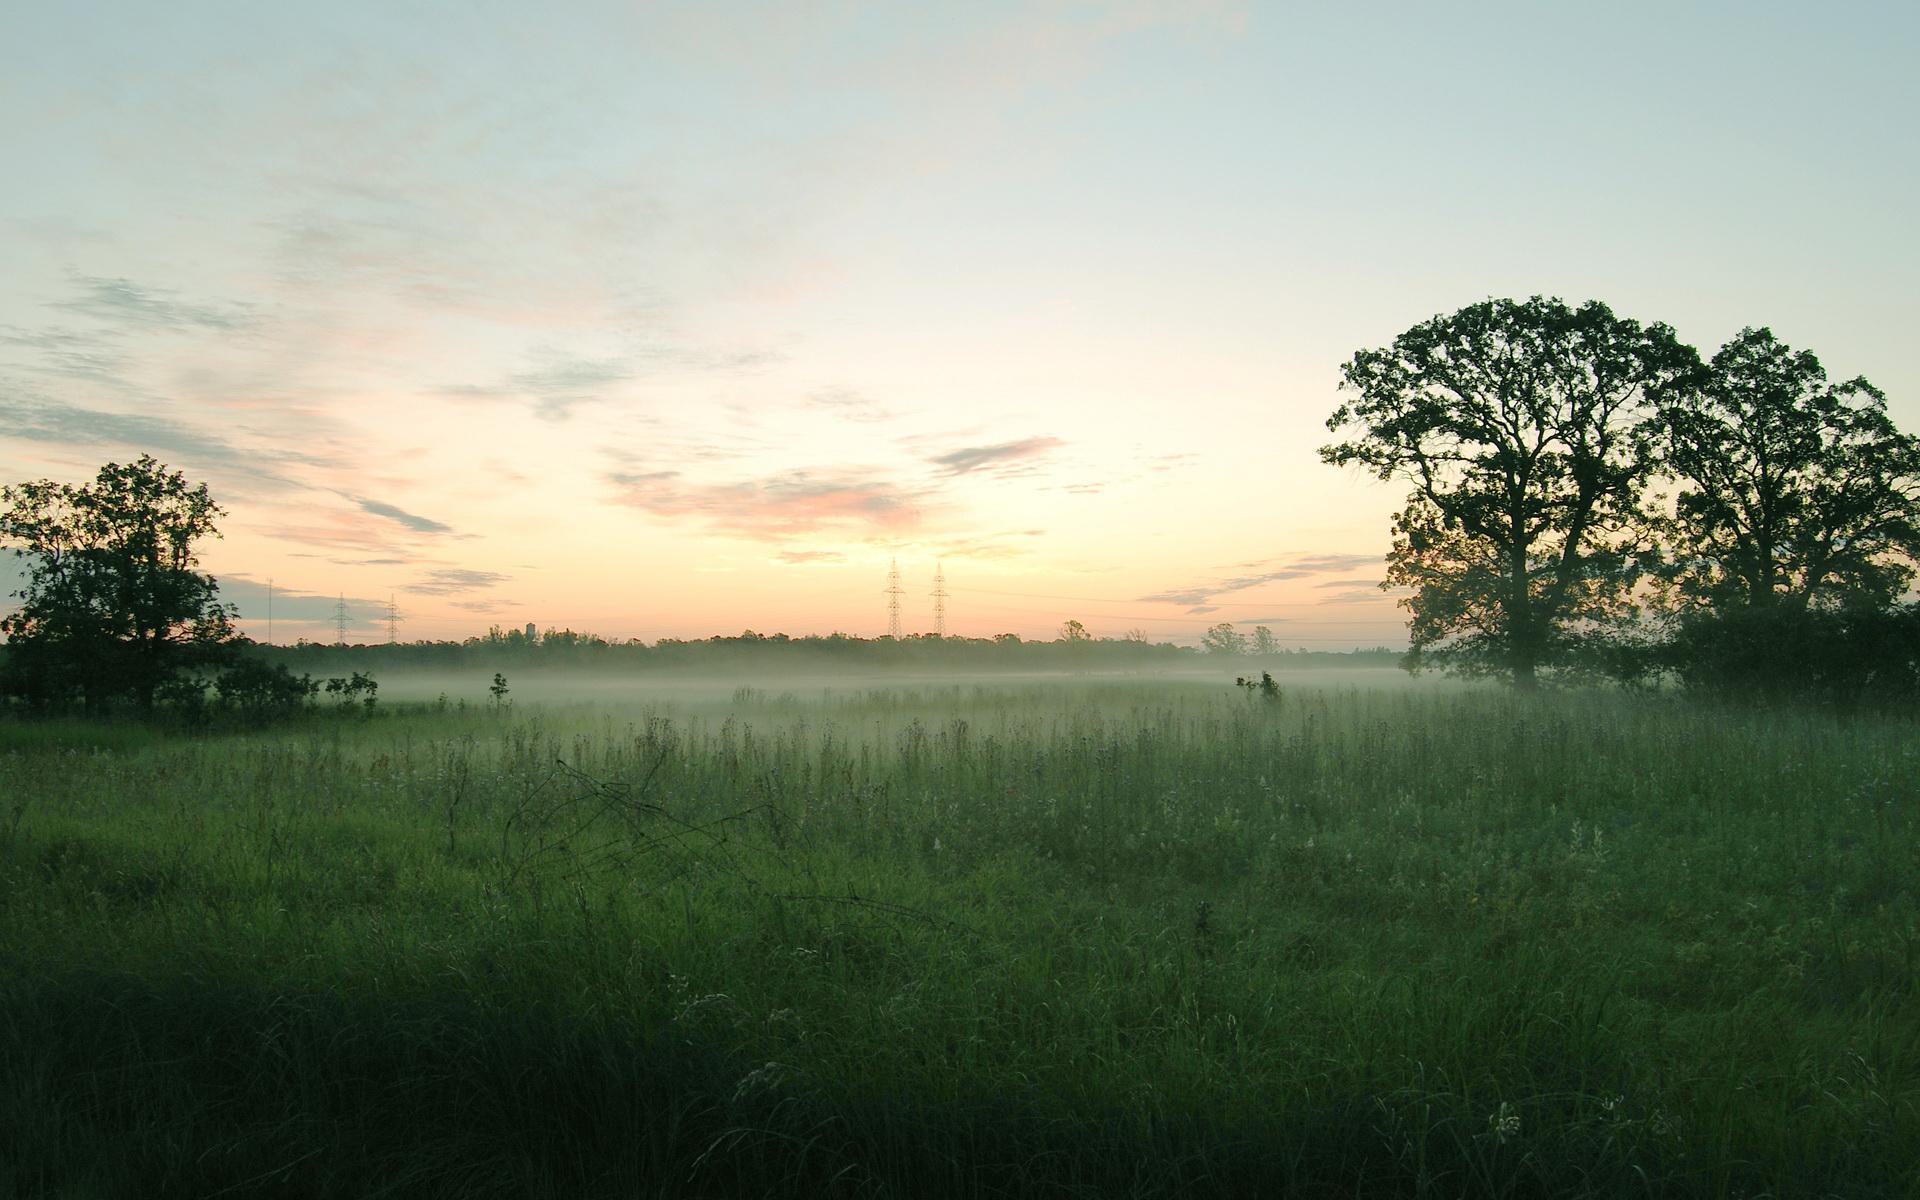 Field Mist Wallpaper